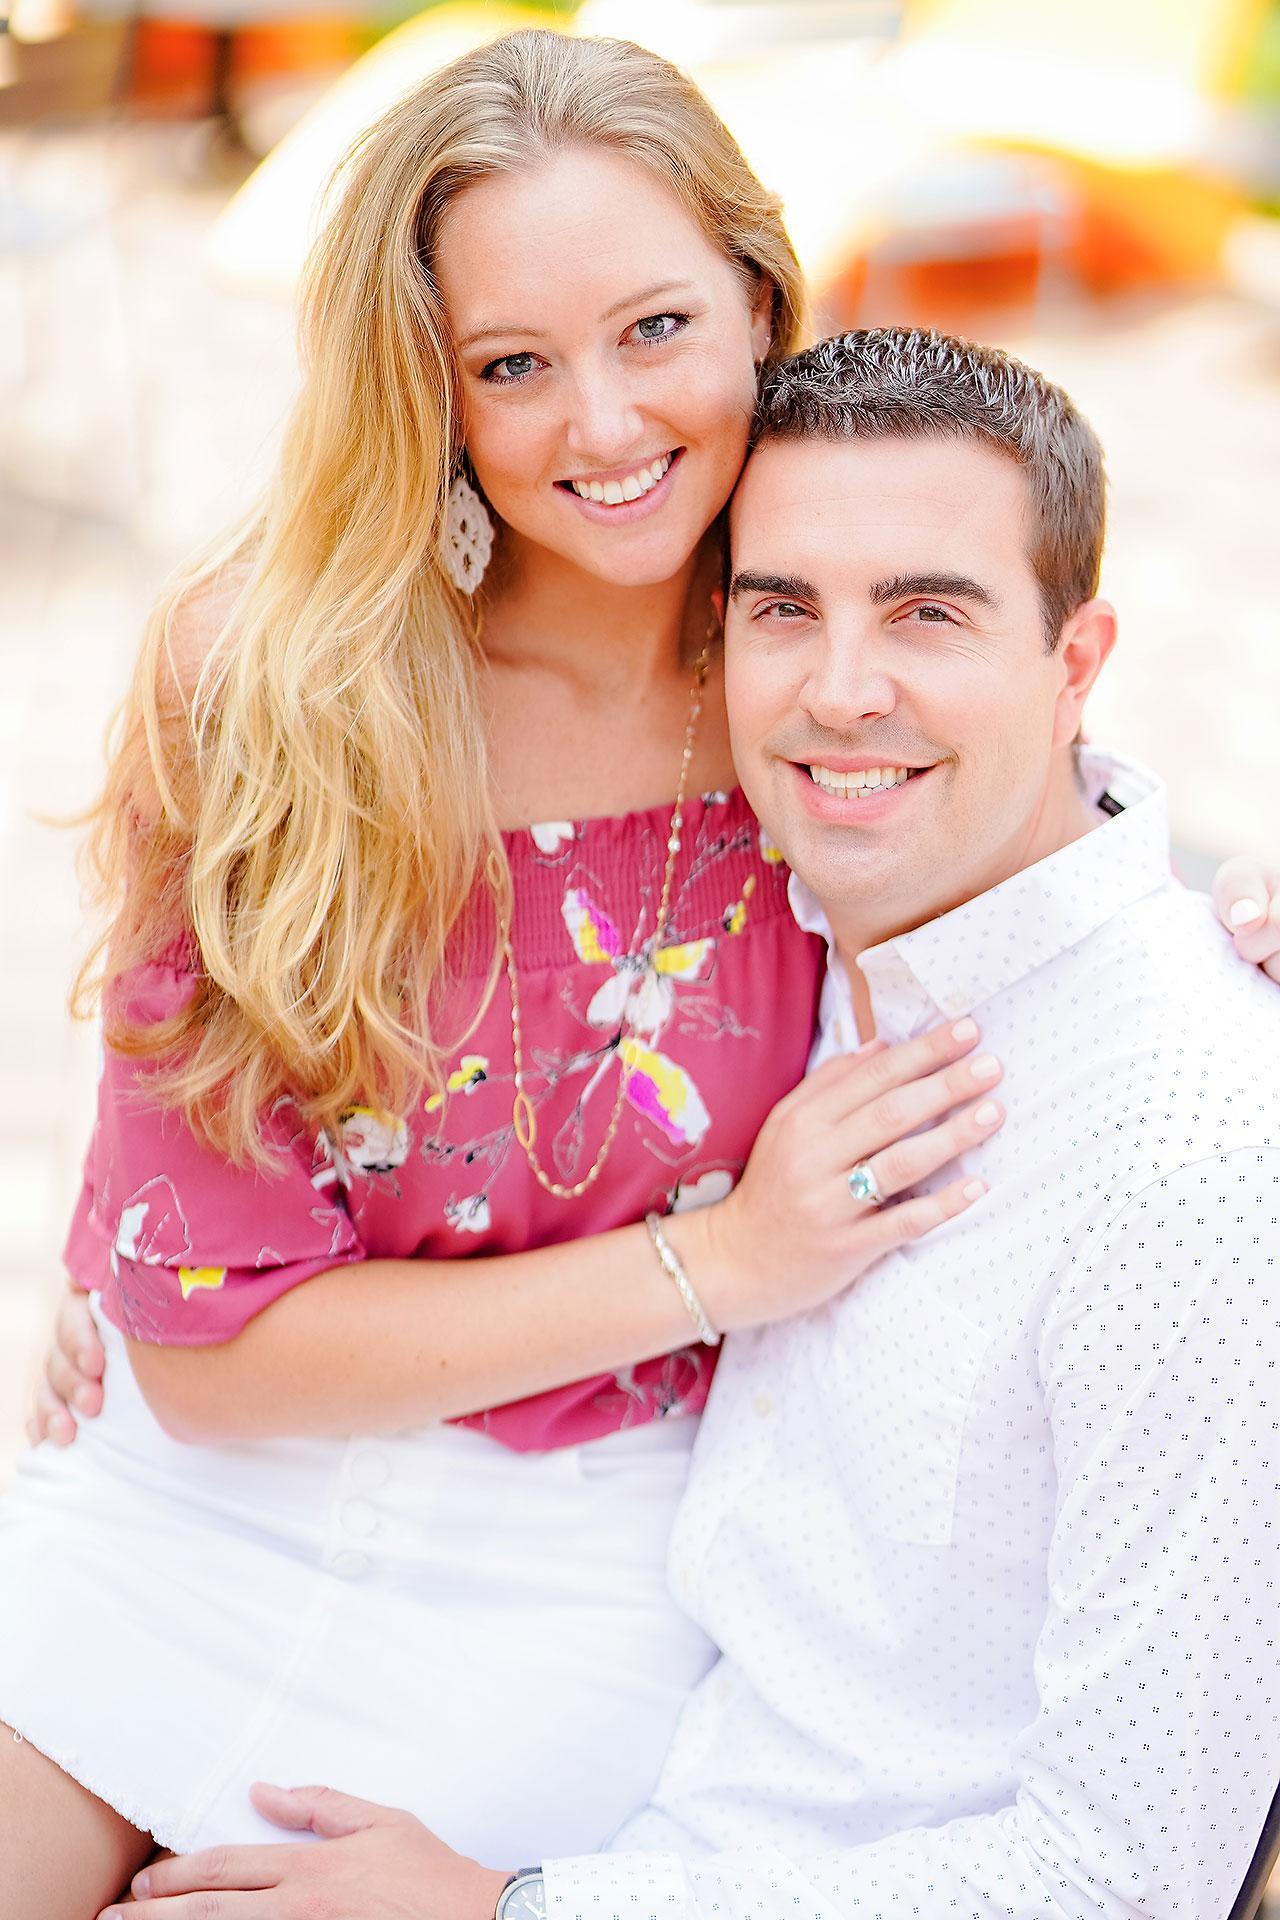 Liz Zach Midtown Carmel Engagement Session 047